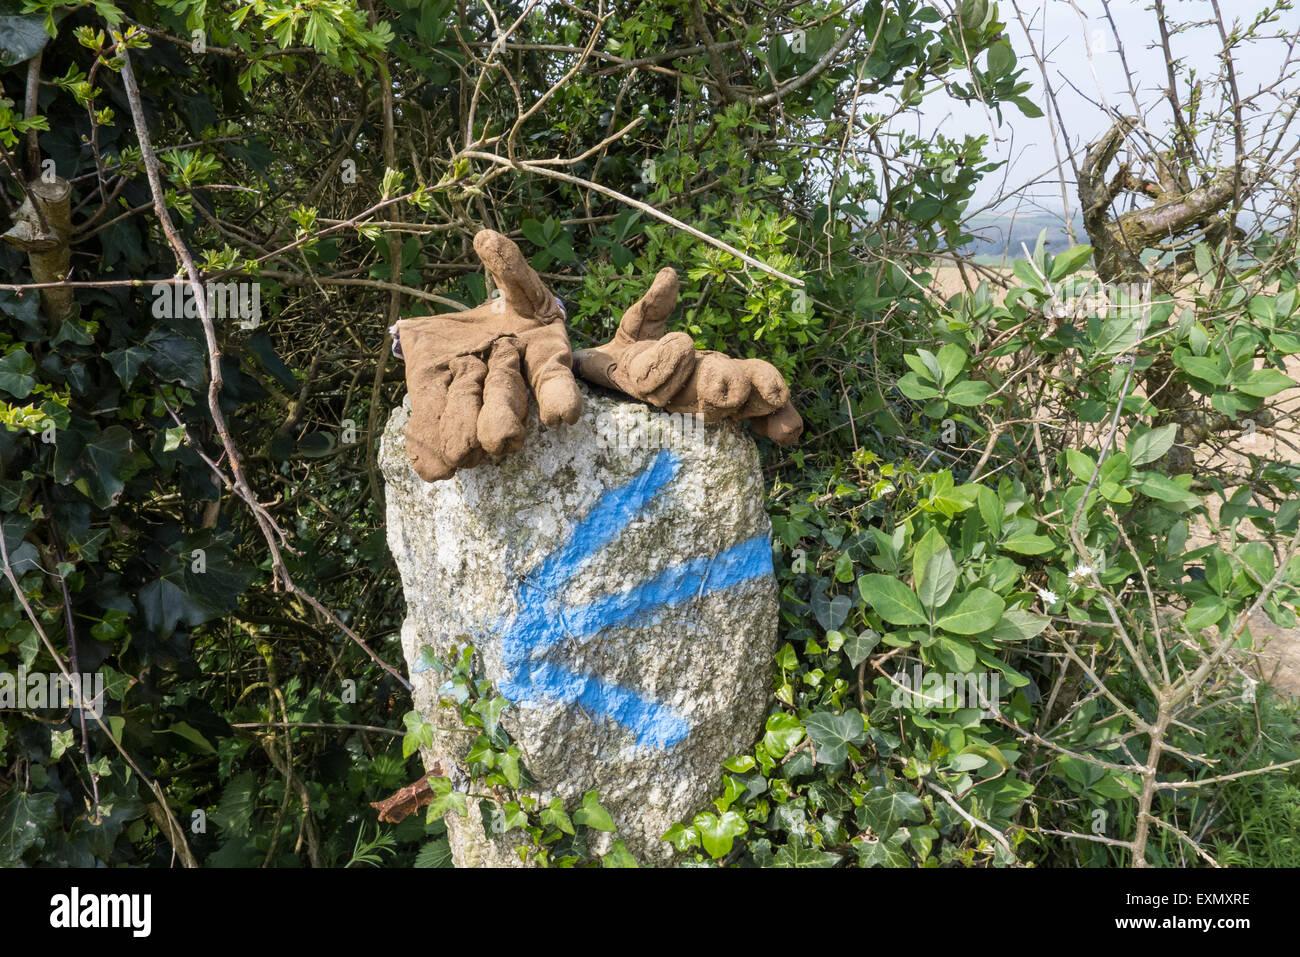 Cornwall, Inglaterra. Guantes de obrero en una piedra marcada con una flecha izquierda azul. Imagen De Stock